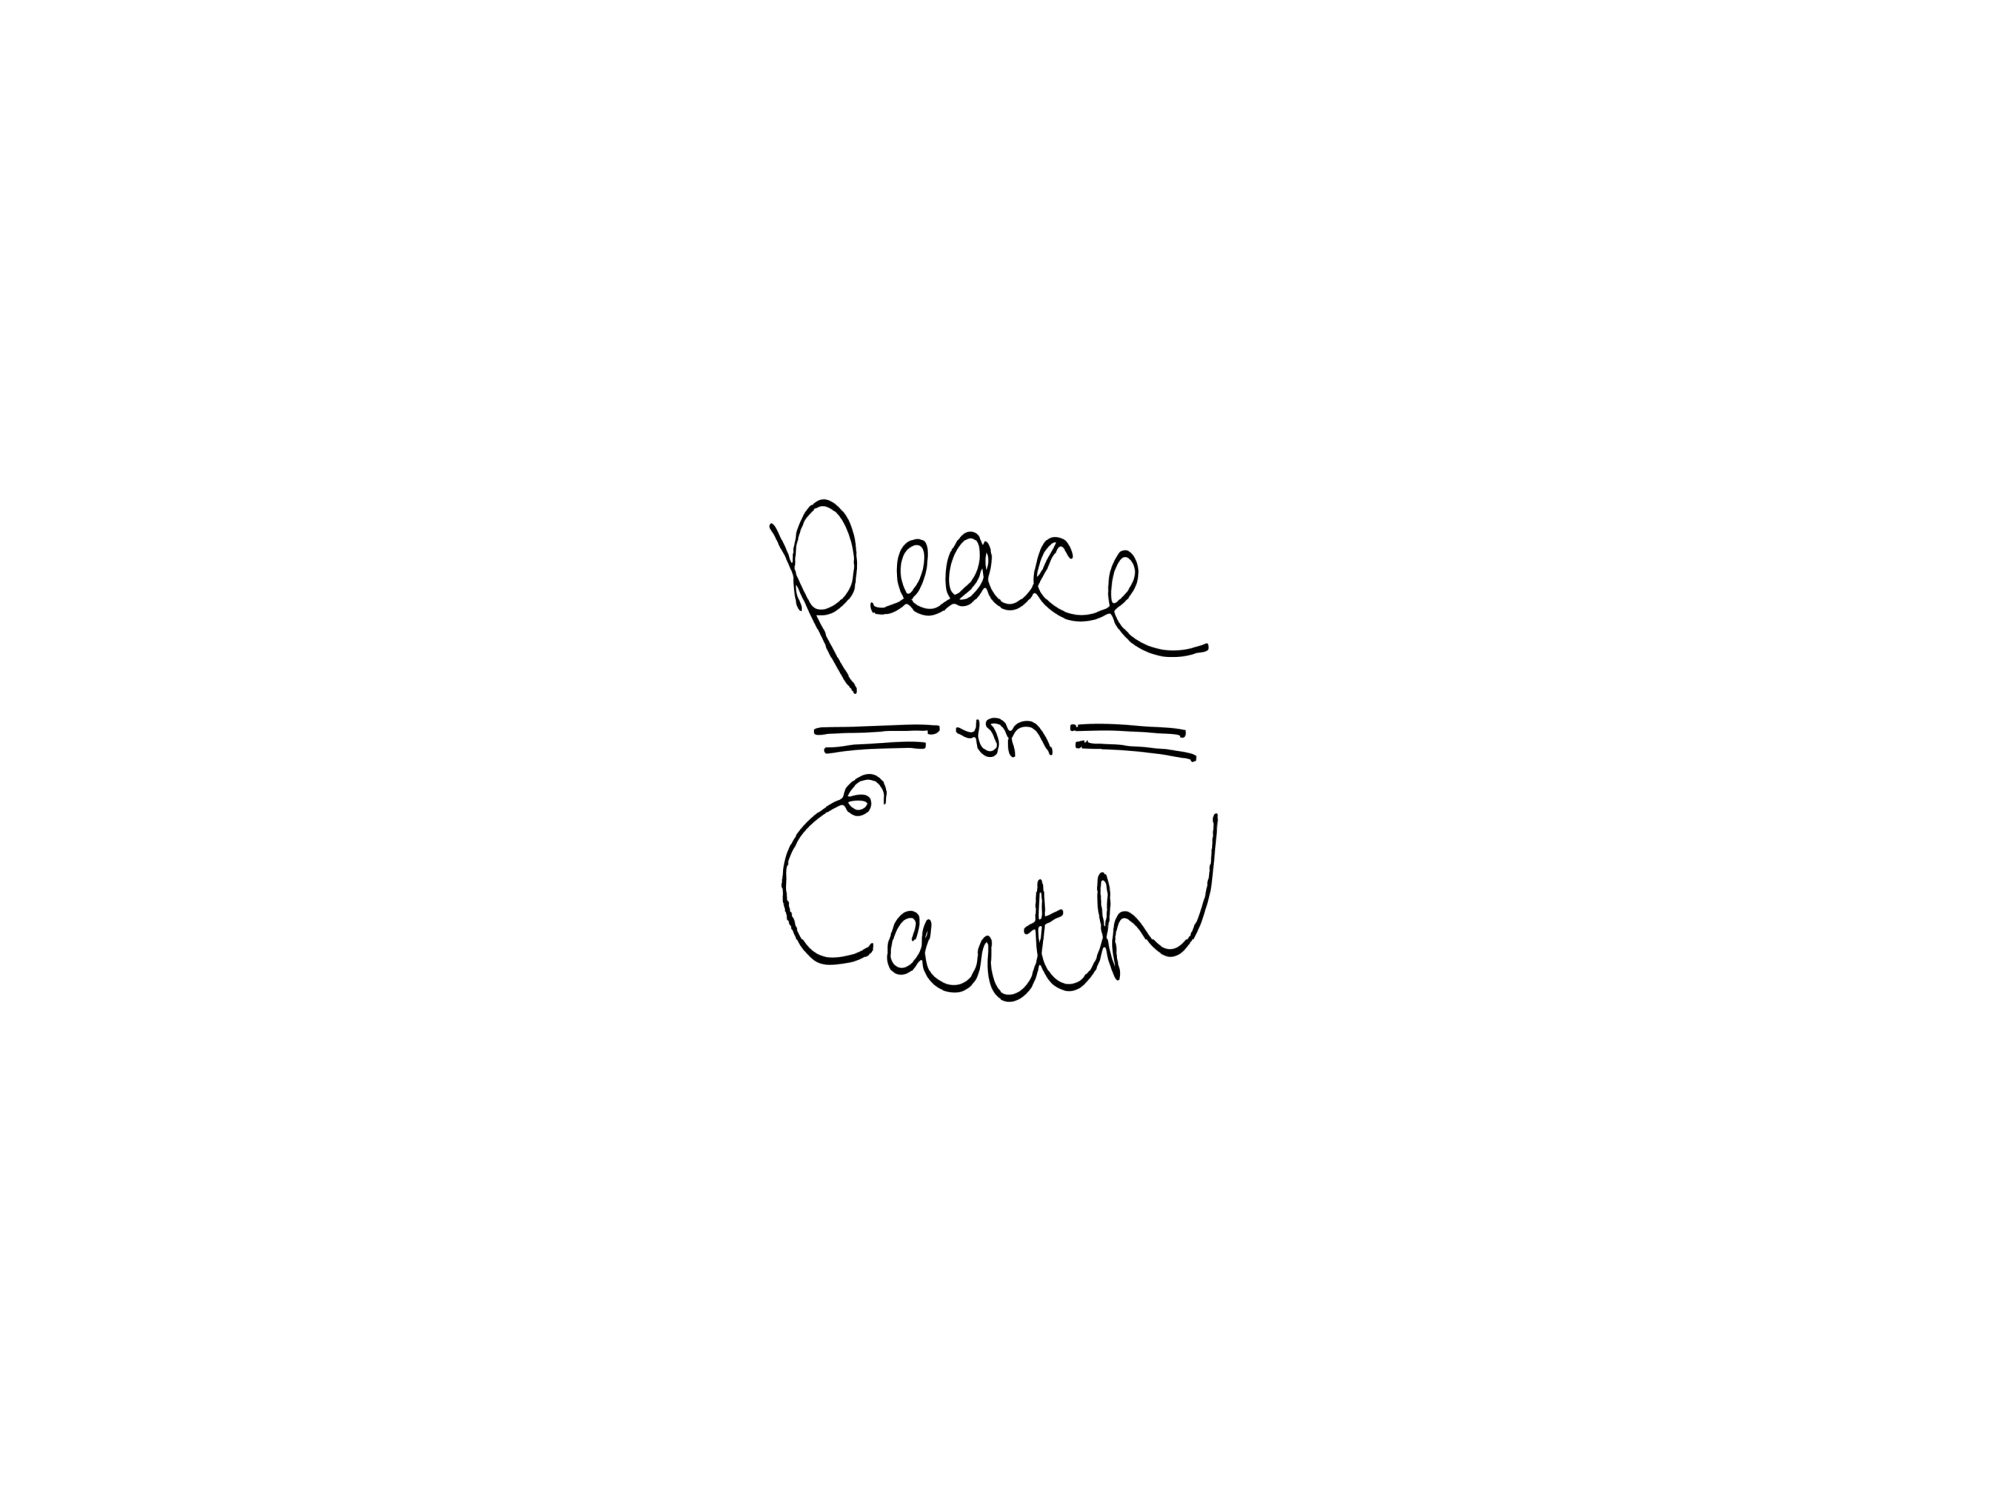 peace on earth christmas card laura alicia freeman shop handmade christmas cards 2015 - Peace On Earth Christmas Cards